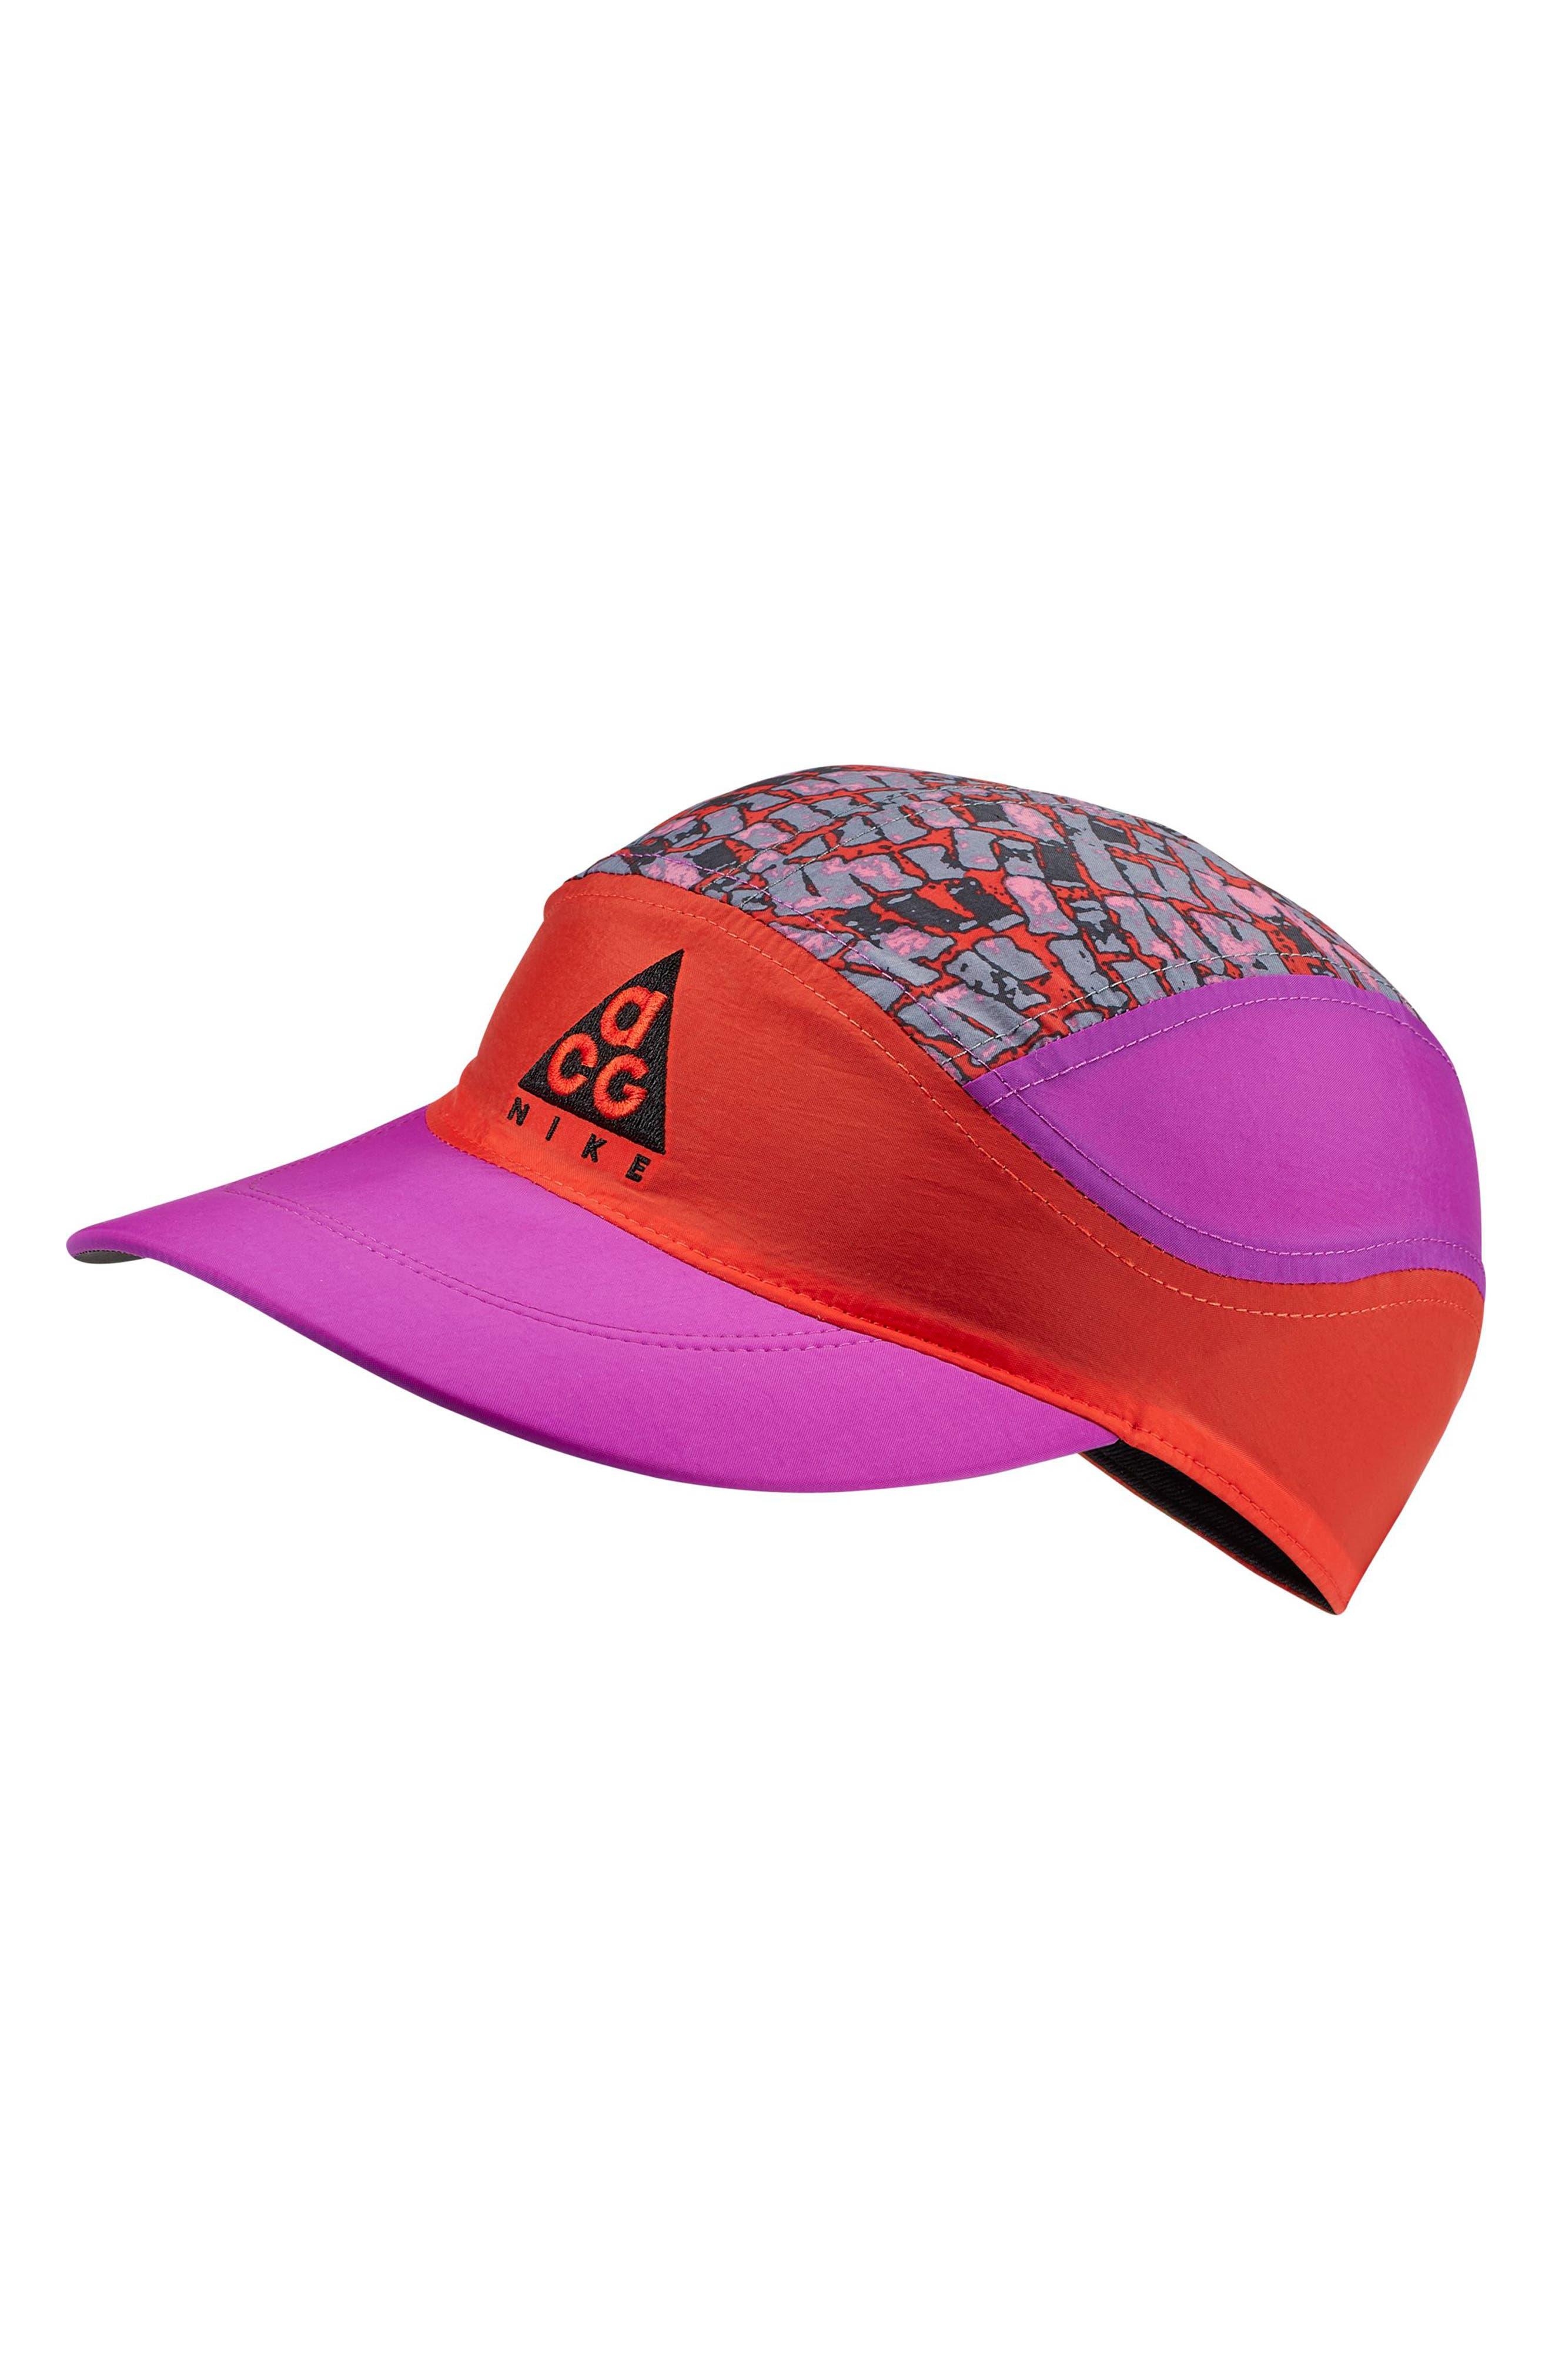 d7de3f3f95e Men s Nike Hats